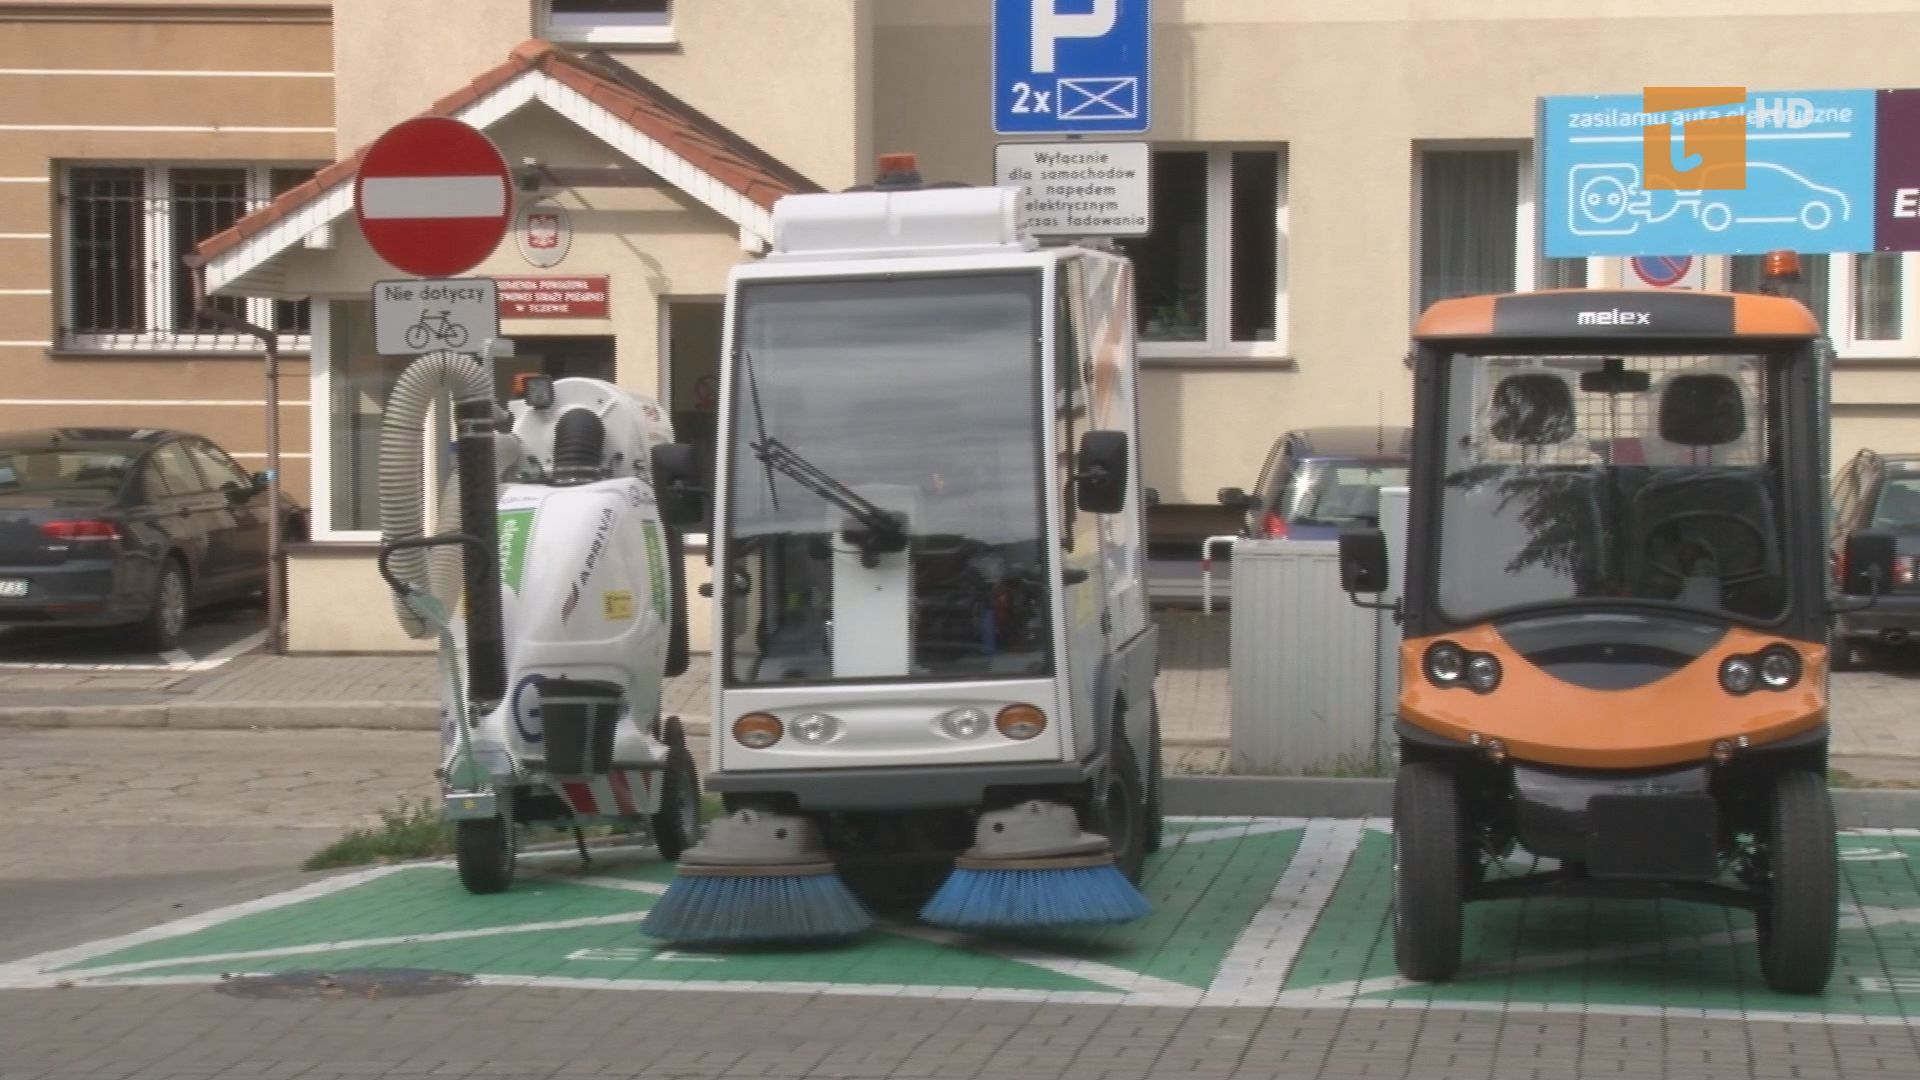 Zakład Usług Komunalnych otrzymał nowe maszyny, które będą wykorzystywane do miejskich prac porządkowych